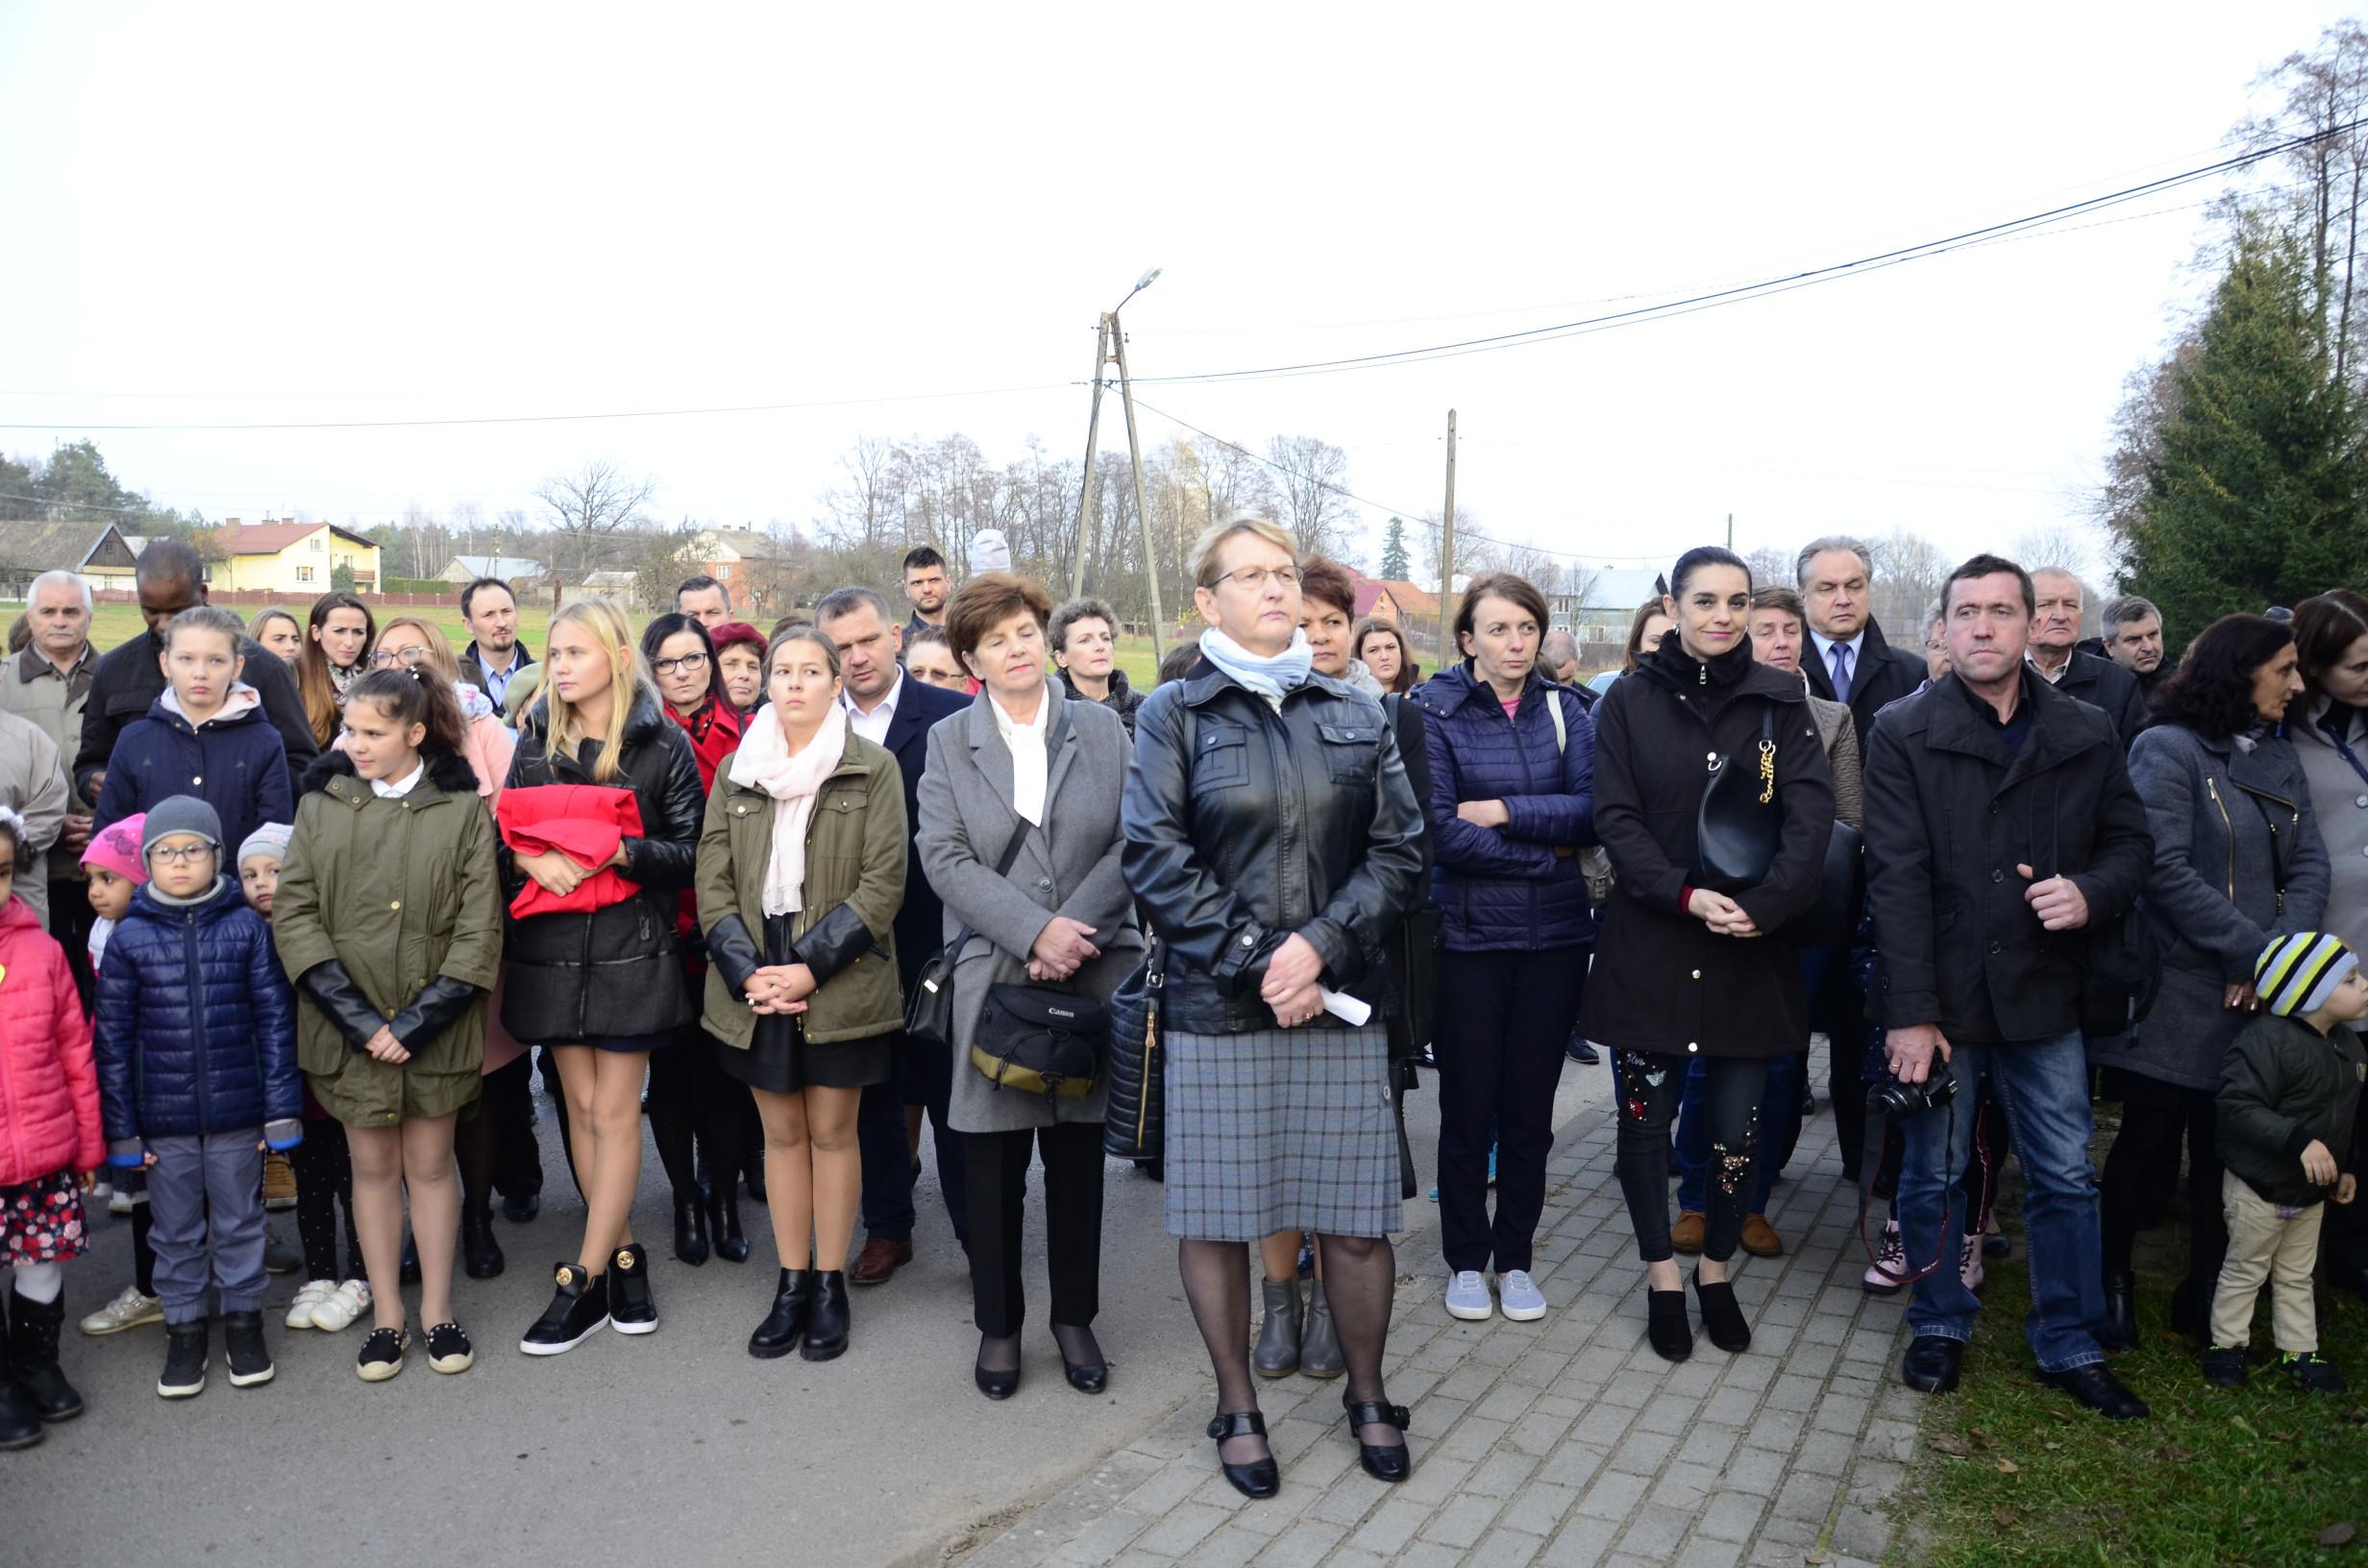 Gmina Raniżów. Setną Rocznicę Odzyskania Niepodległości świętowali także mieszkańcy Mazurów | ZDJĘCIA | - Zdjęcie główne